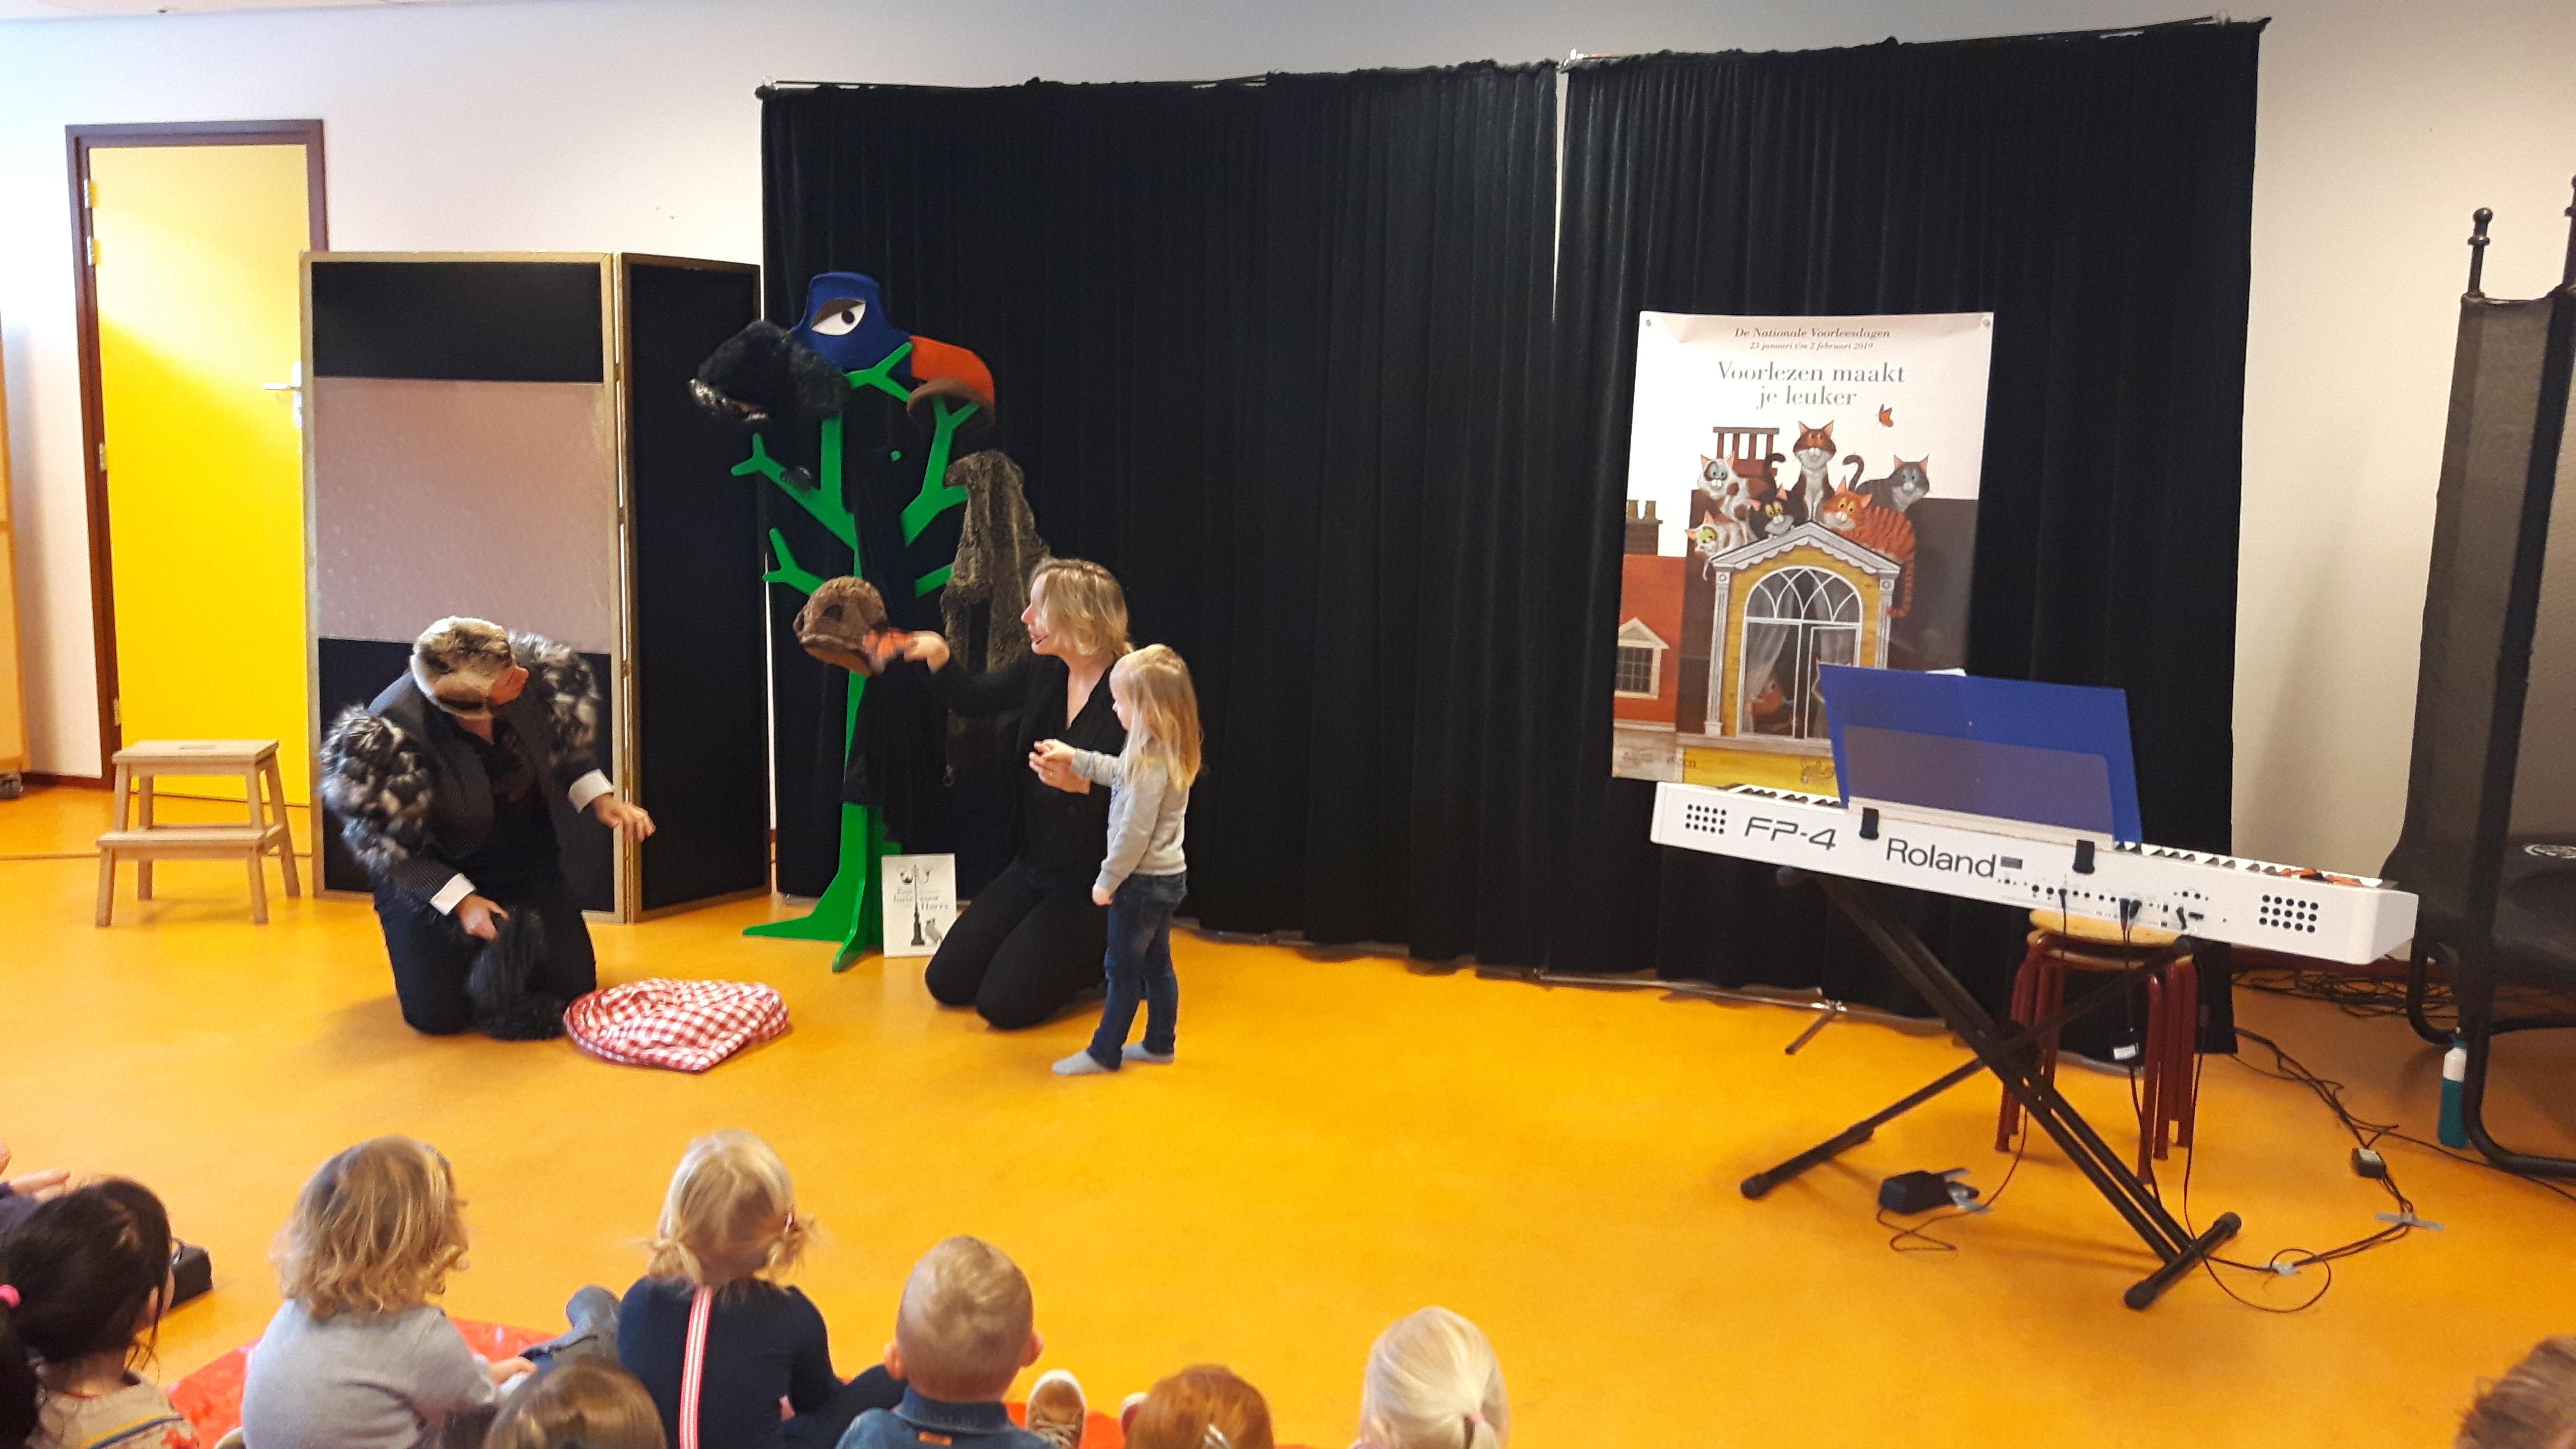 Nationale Voorleesdagen voorstelling kindervoorstelling ZieZus Een Huis Voor Harry meepspelen Leo Timmers